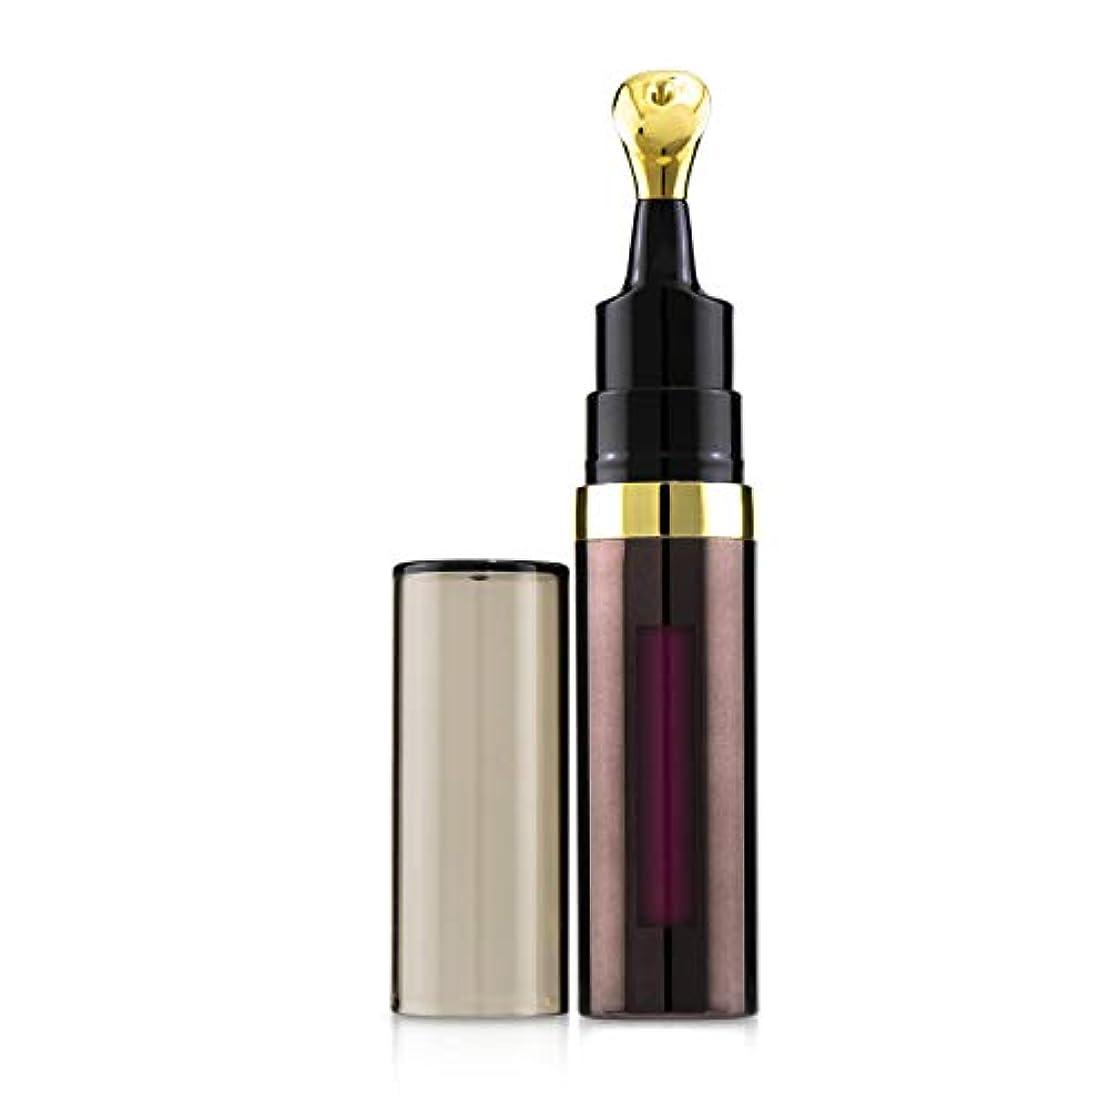 東方札入れ謎アワーグラス No.28 Lip Treatment Oil - # Nocturnal (Deep Berry) 7.5ml/0.25oz並行輸入品